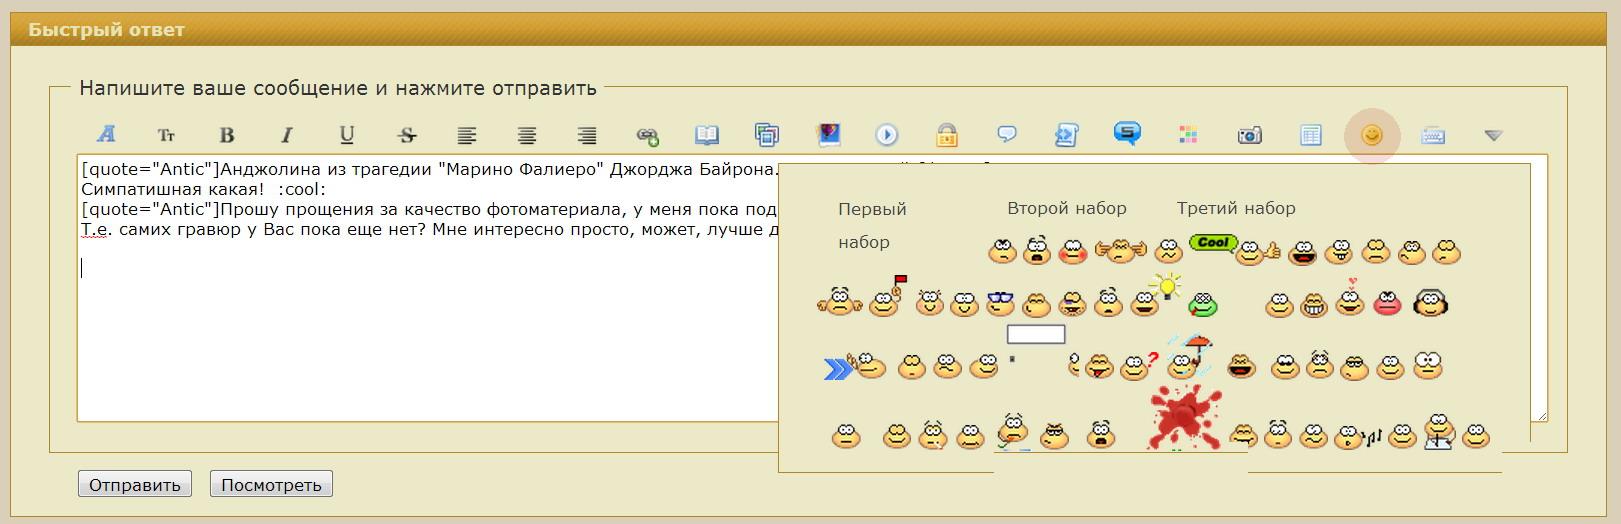 http://s5.uploads.ru/SNH8M.jpg